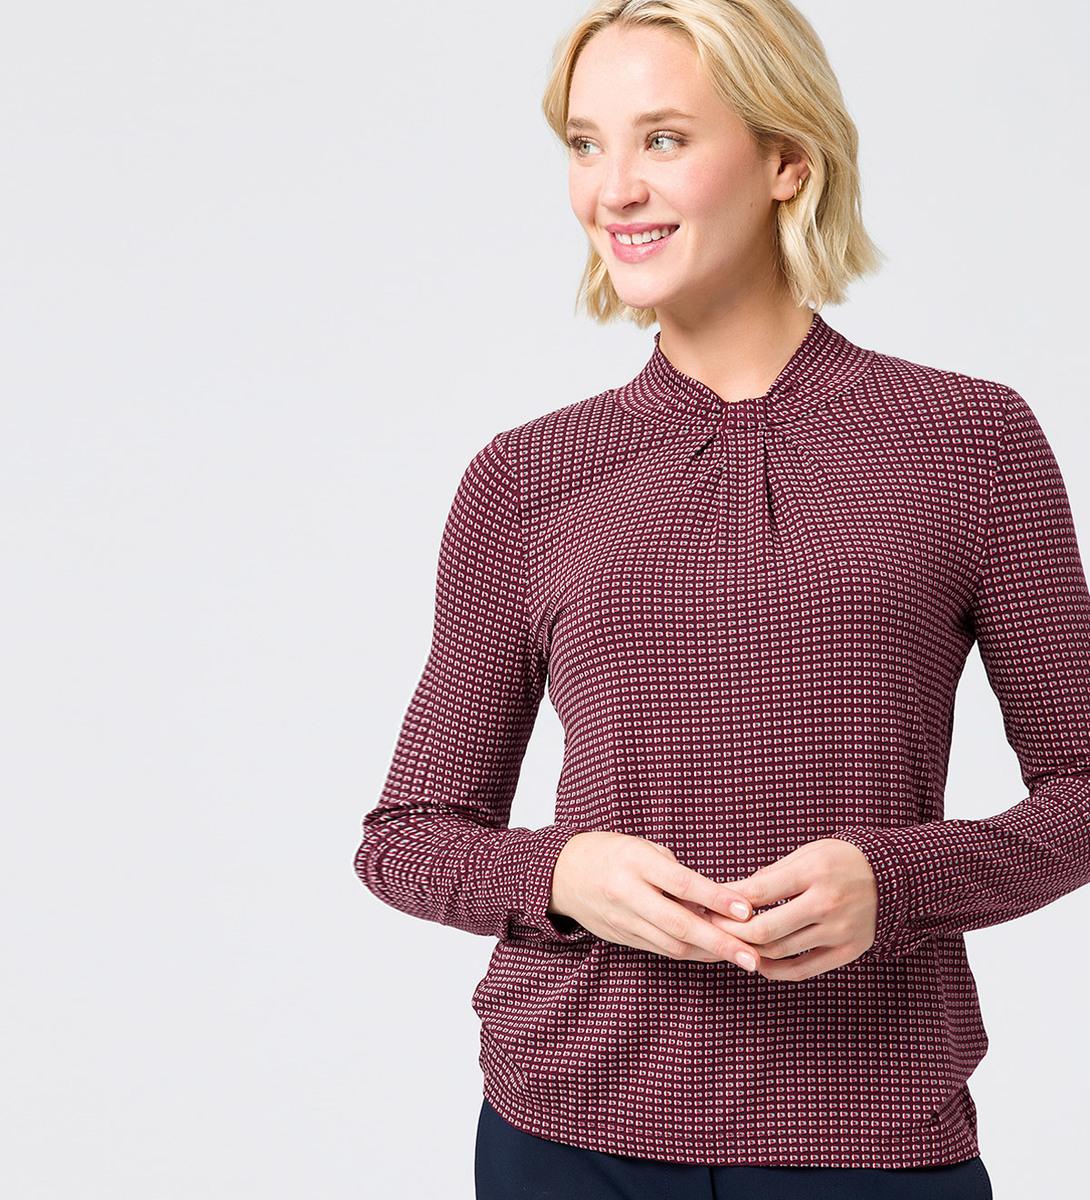 Shirt mit Knotendetail am Ausschnitt in grape red